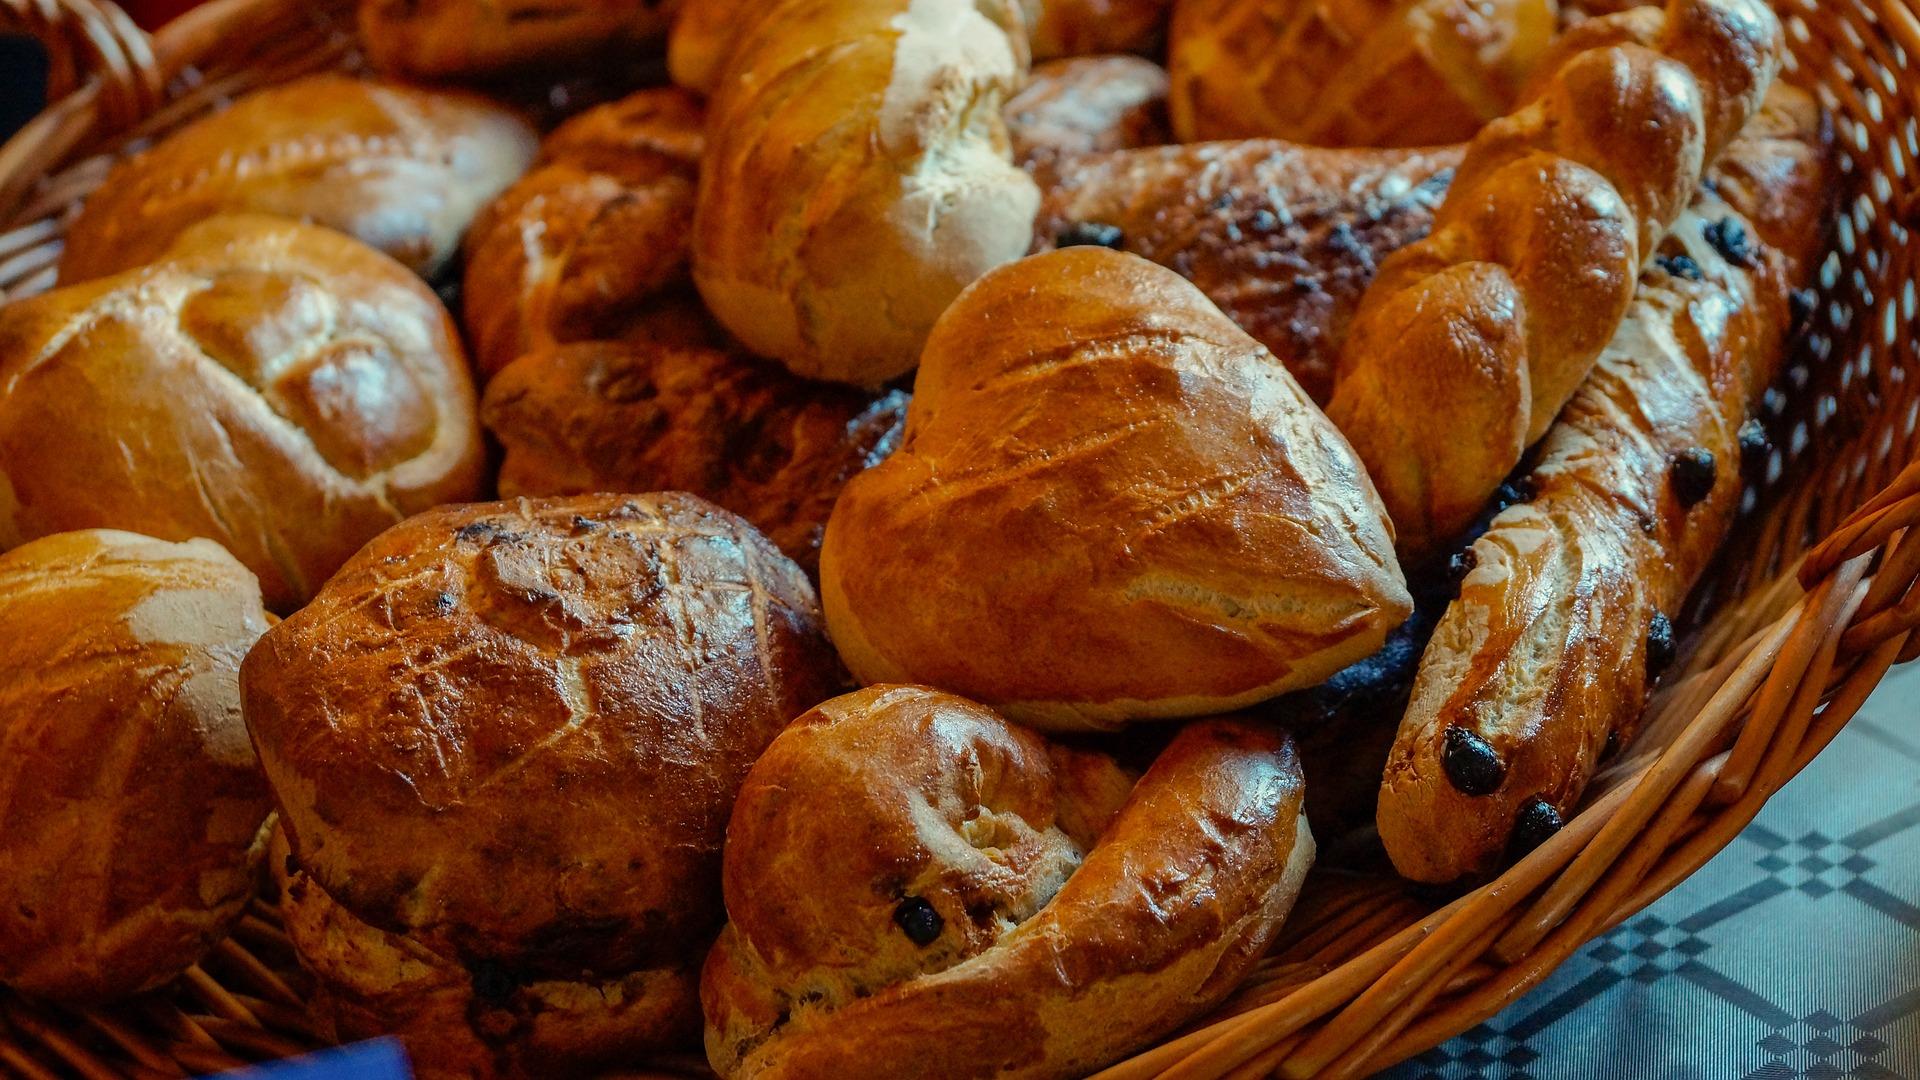 bread-812864_1920.jpg